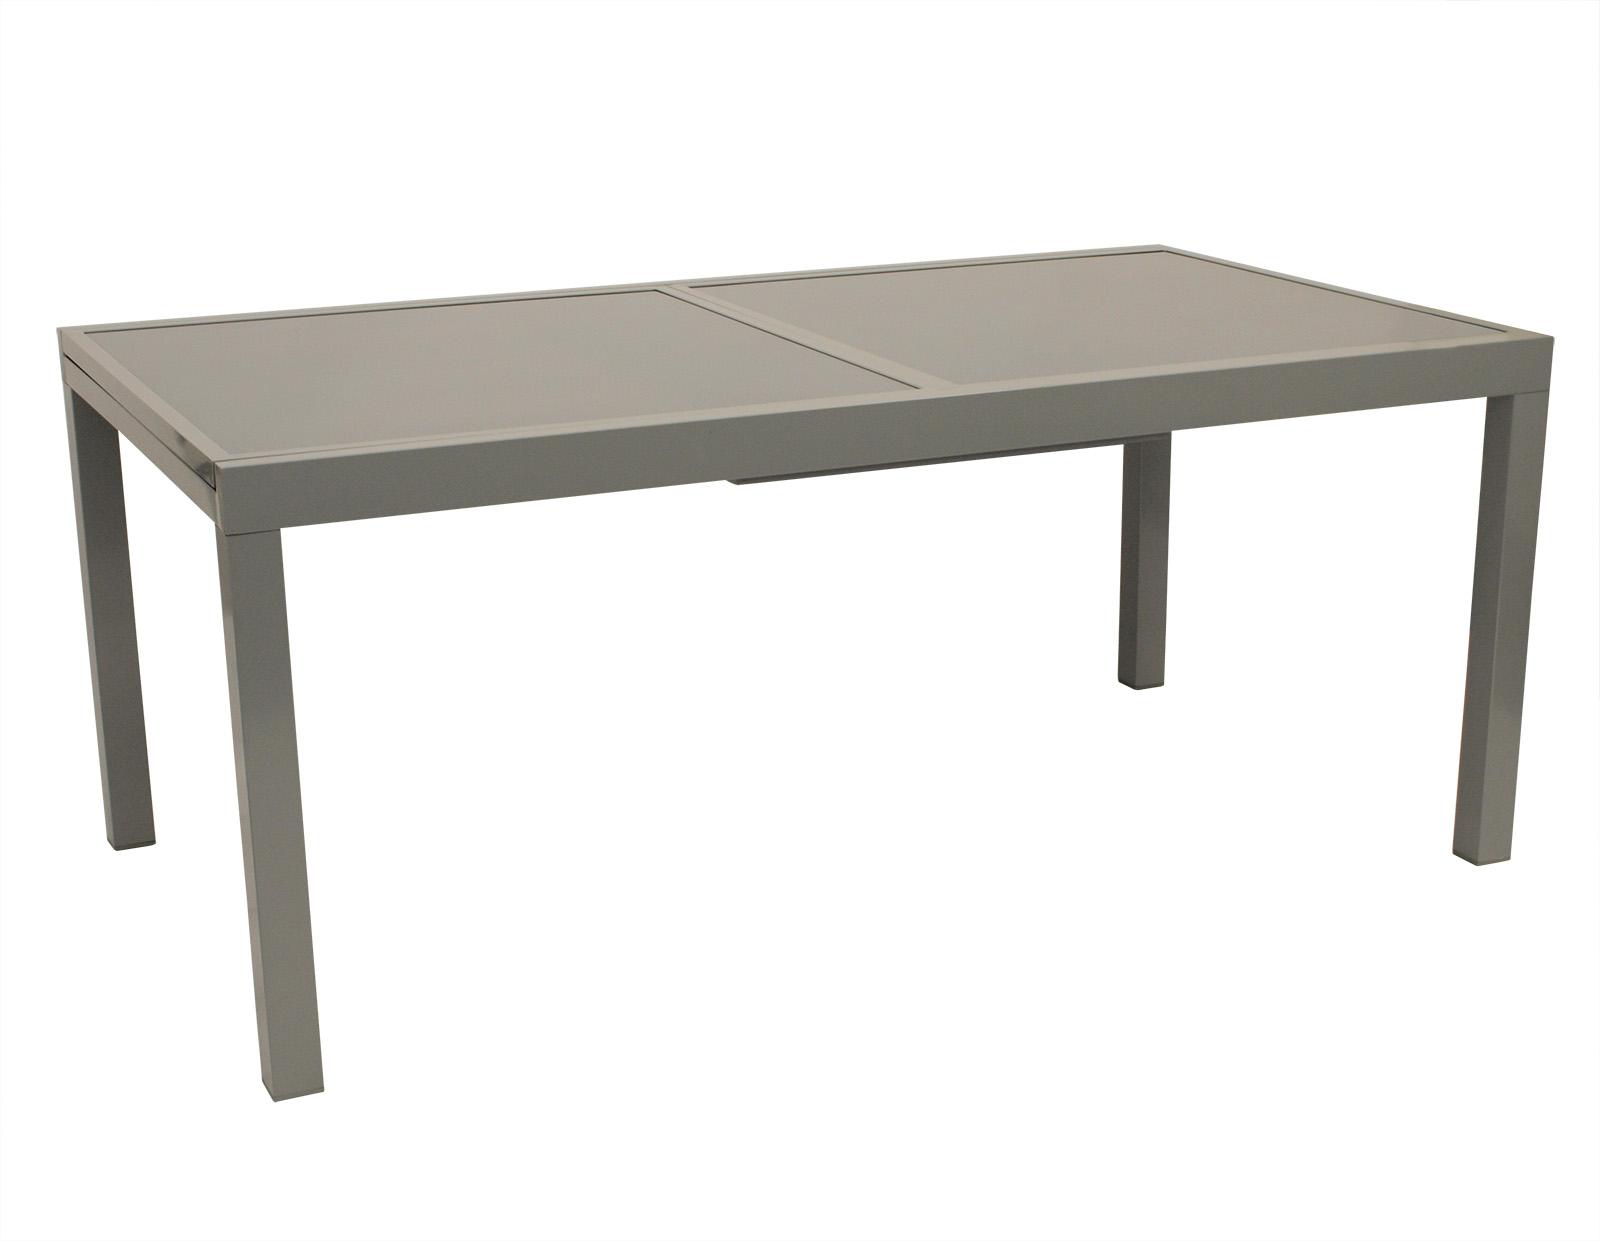 gartentisch ausziehtisch gartenm bel xxl tisch glastisch pisa alu glas 100x240cm ebay. Black Bedroom Furniture Sets. Home Design Ideas